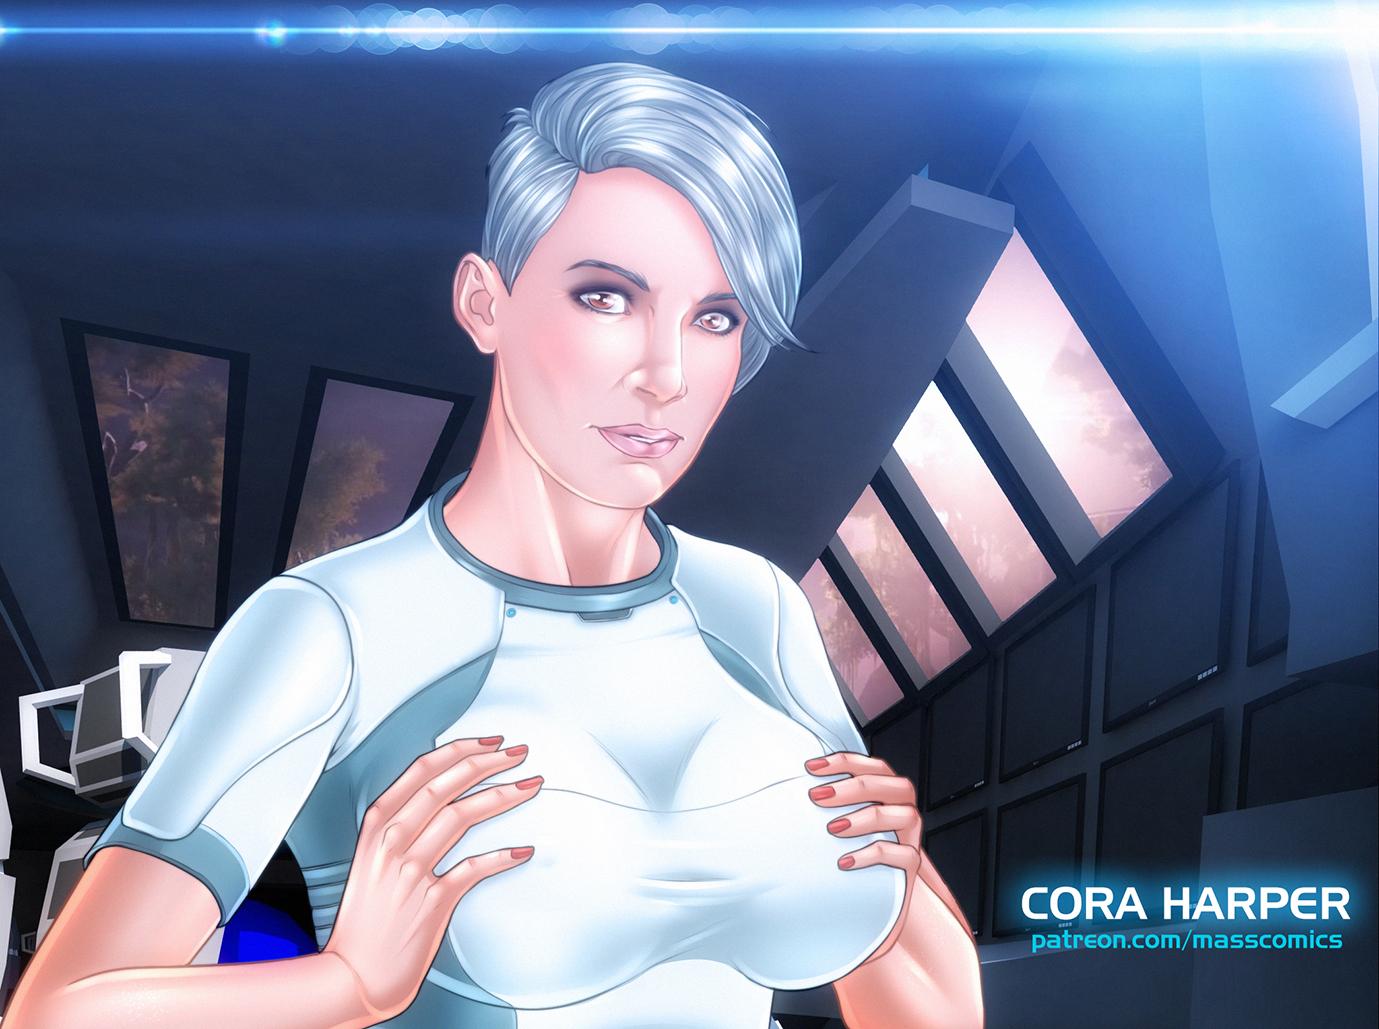 Cora Harper by Eromaxi